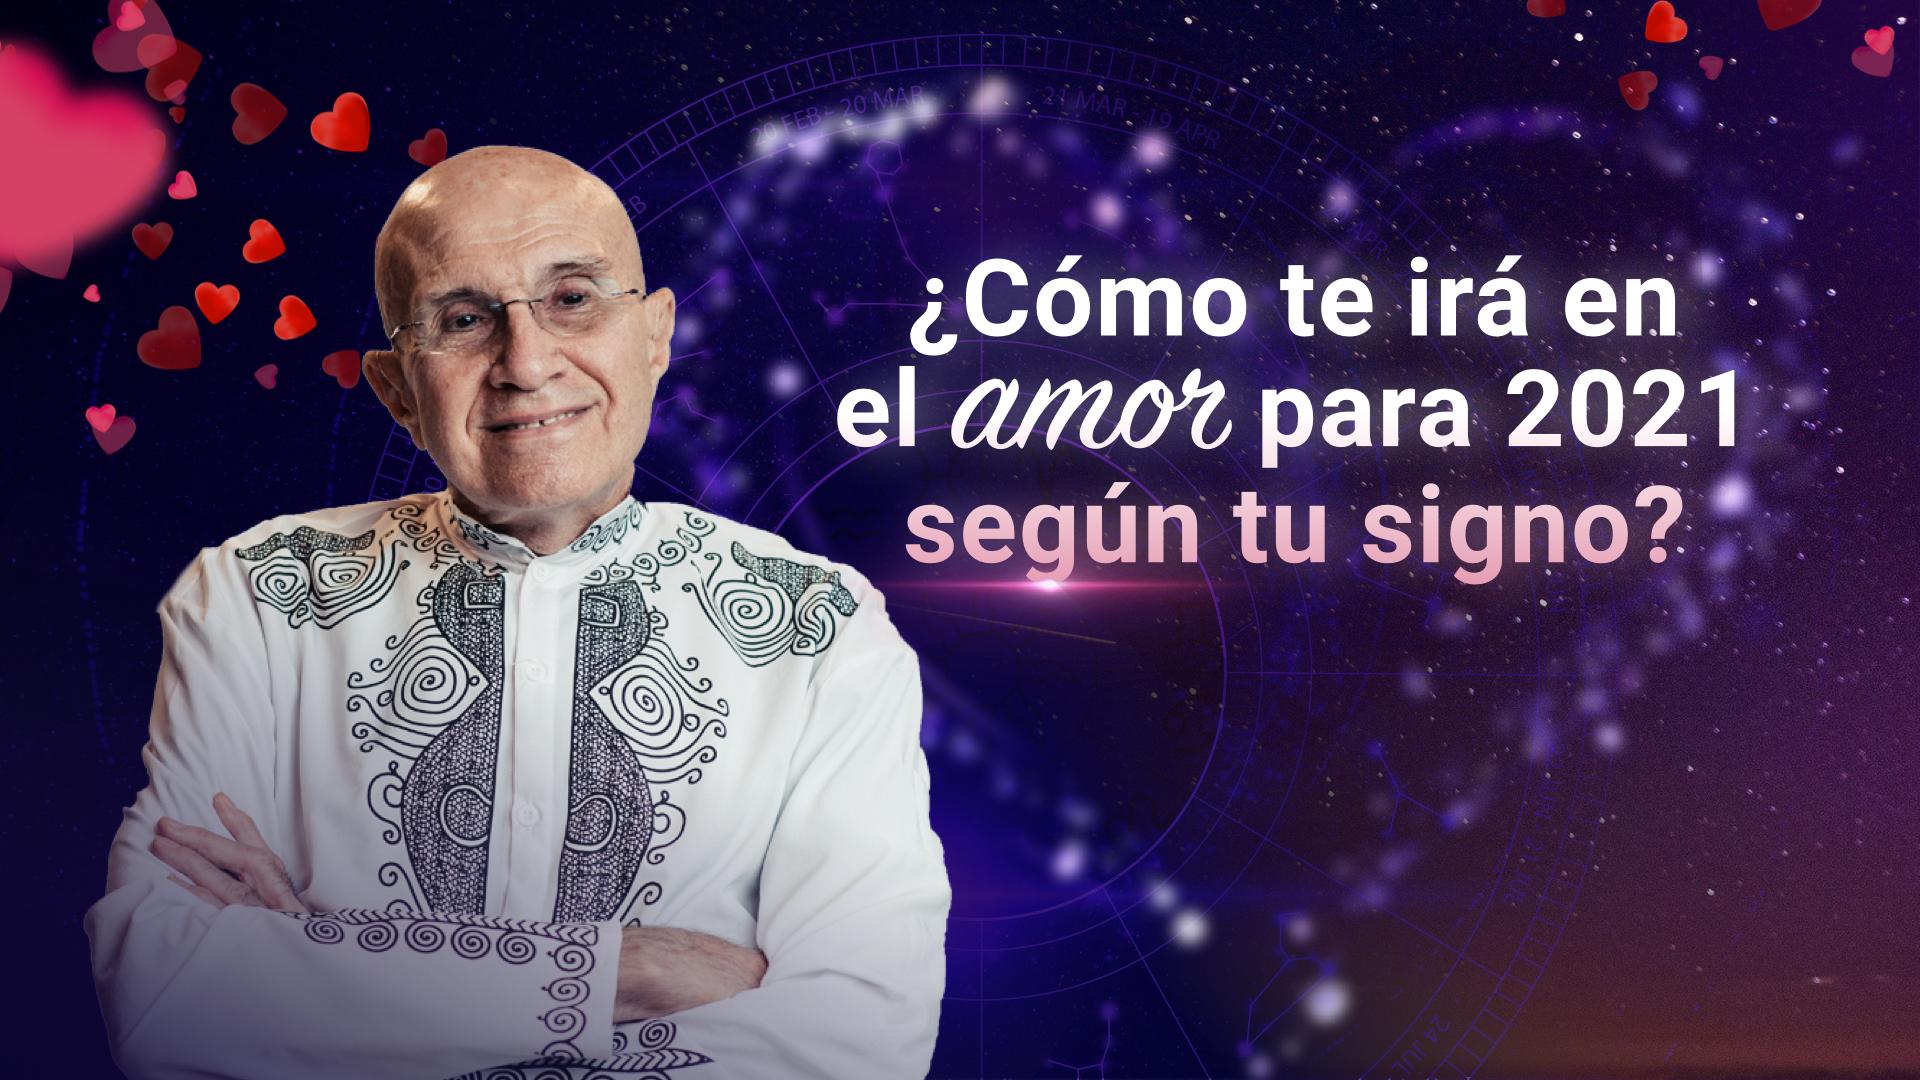 Compatibilidades Amorosas 2021 Según Tu Horóscopo O Signo Zodiacal Horóscopos Univision